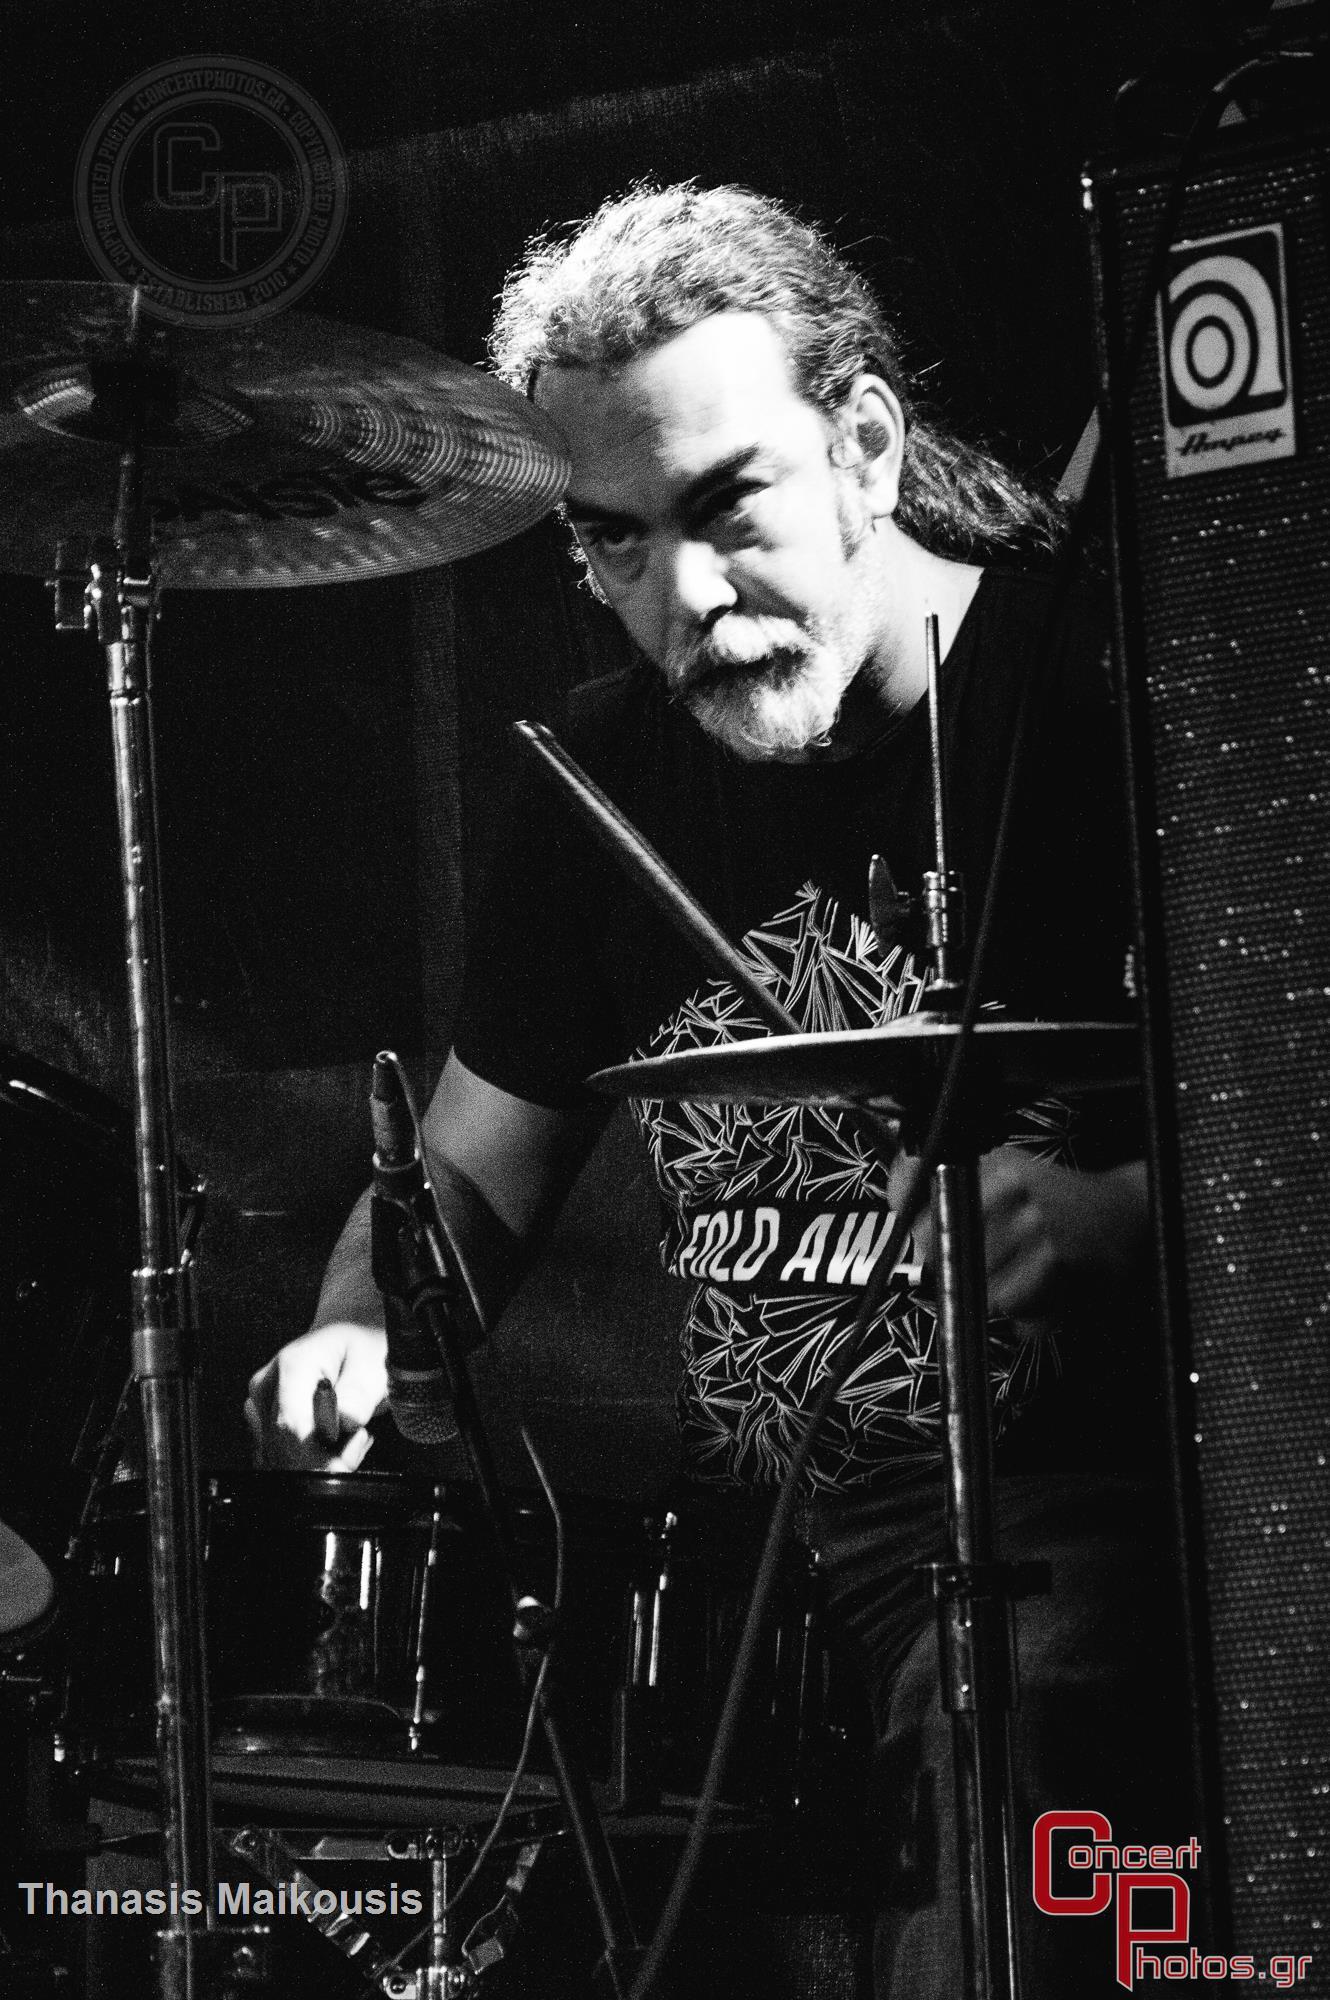 Battle Of The Bands Leg 5-Battle Of The Bands Leg 4 photographer: Thanasis Maikousis - ConcertPhotos - 20150315_2256_36